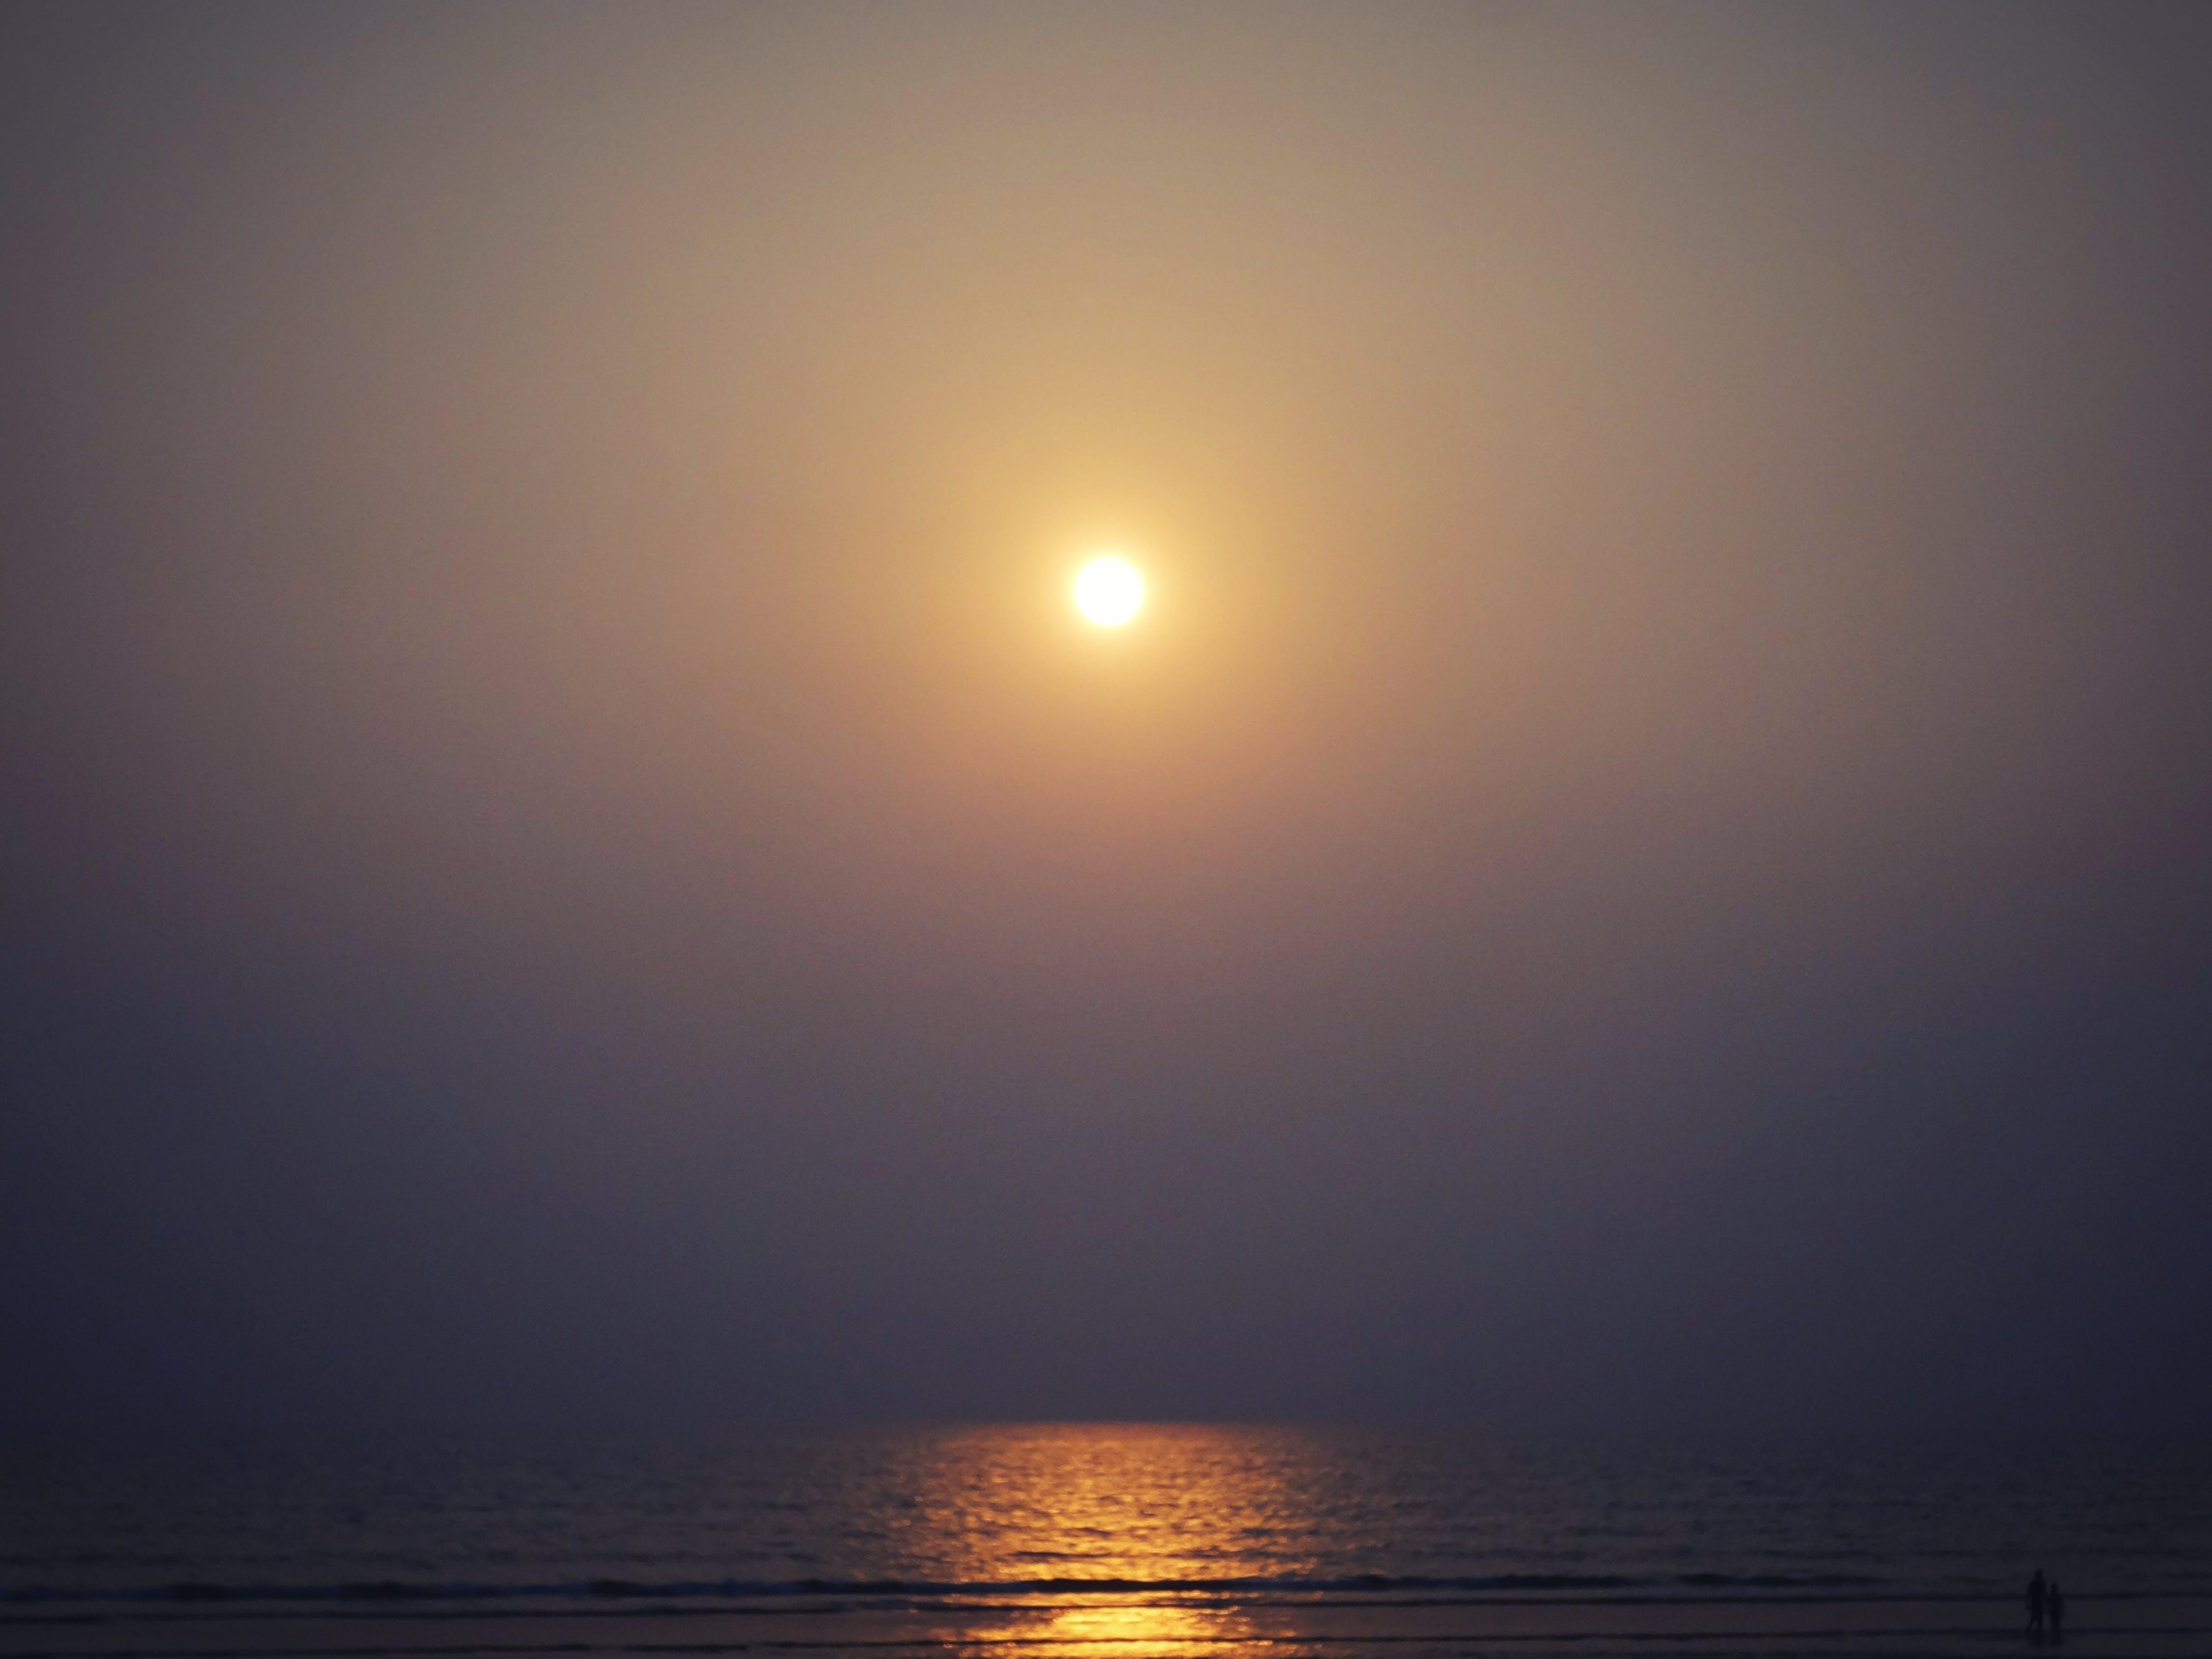 Kostenloses Stock Foto zu cox der bazar, goldene sonne, sonnenuntergang, strand